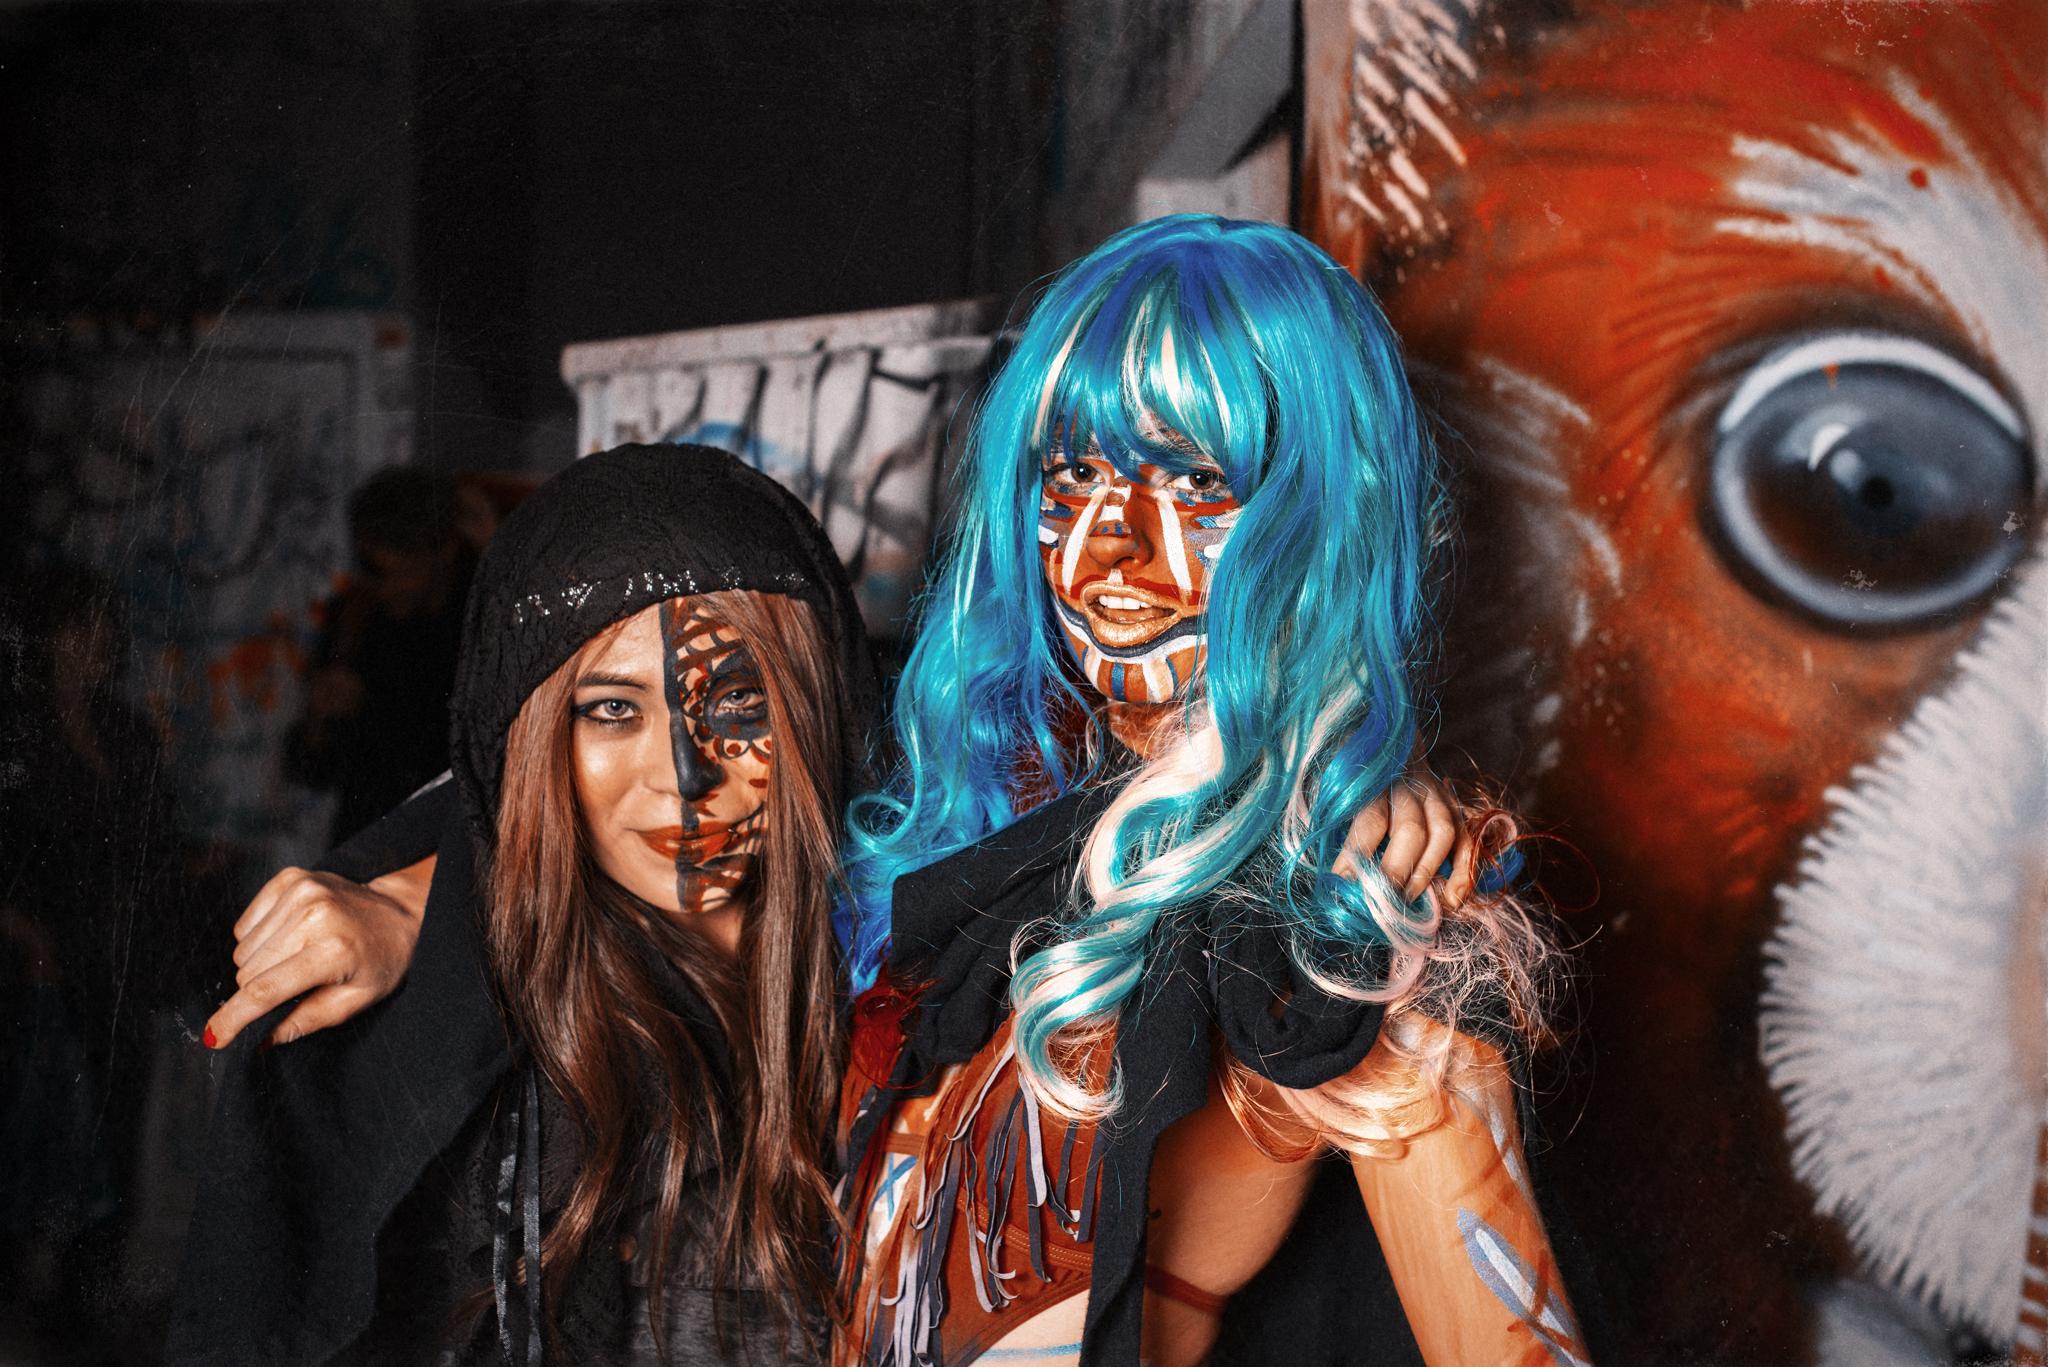 Halloween2013_Tim_da-Rin-6.jpg